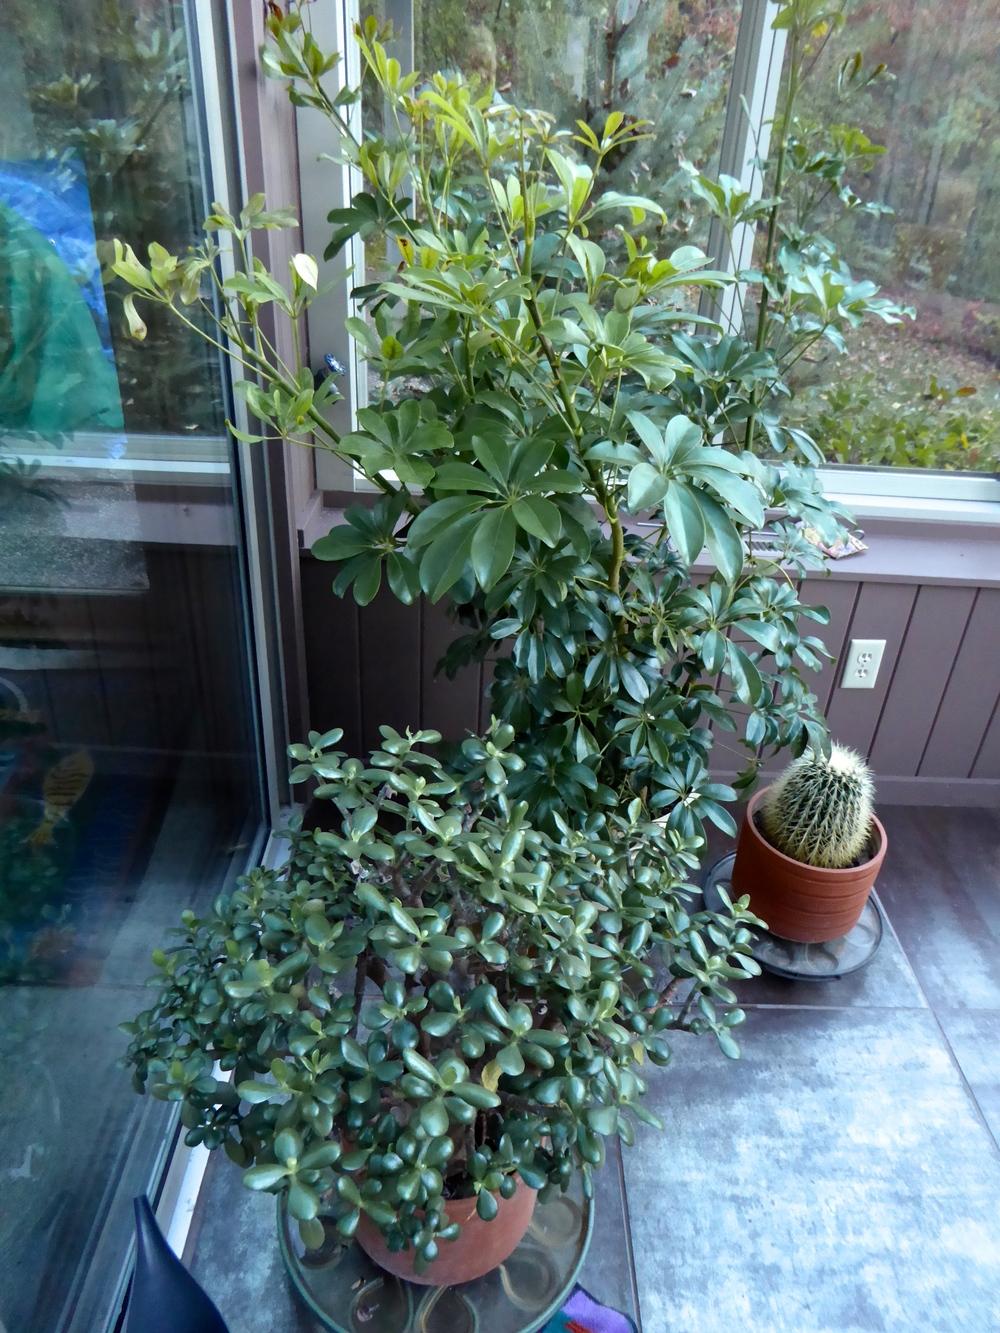 Schefflera plants re-potted indoors